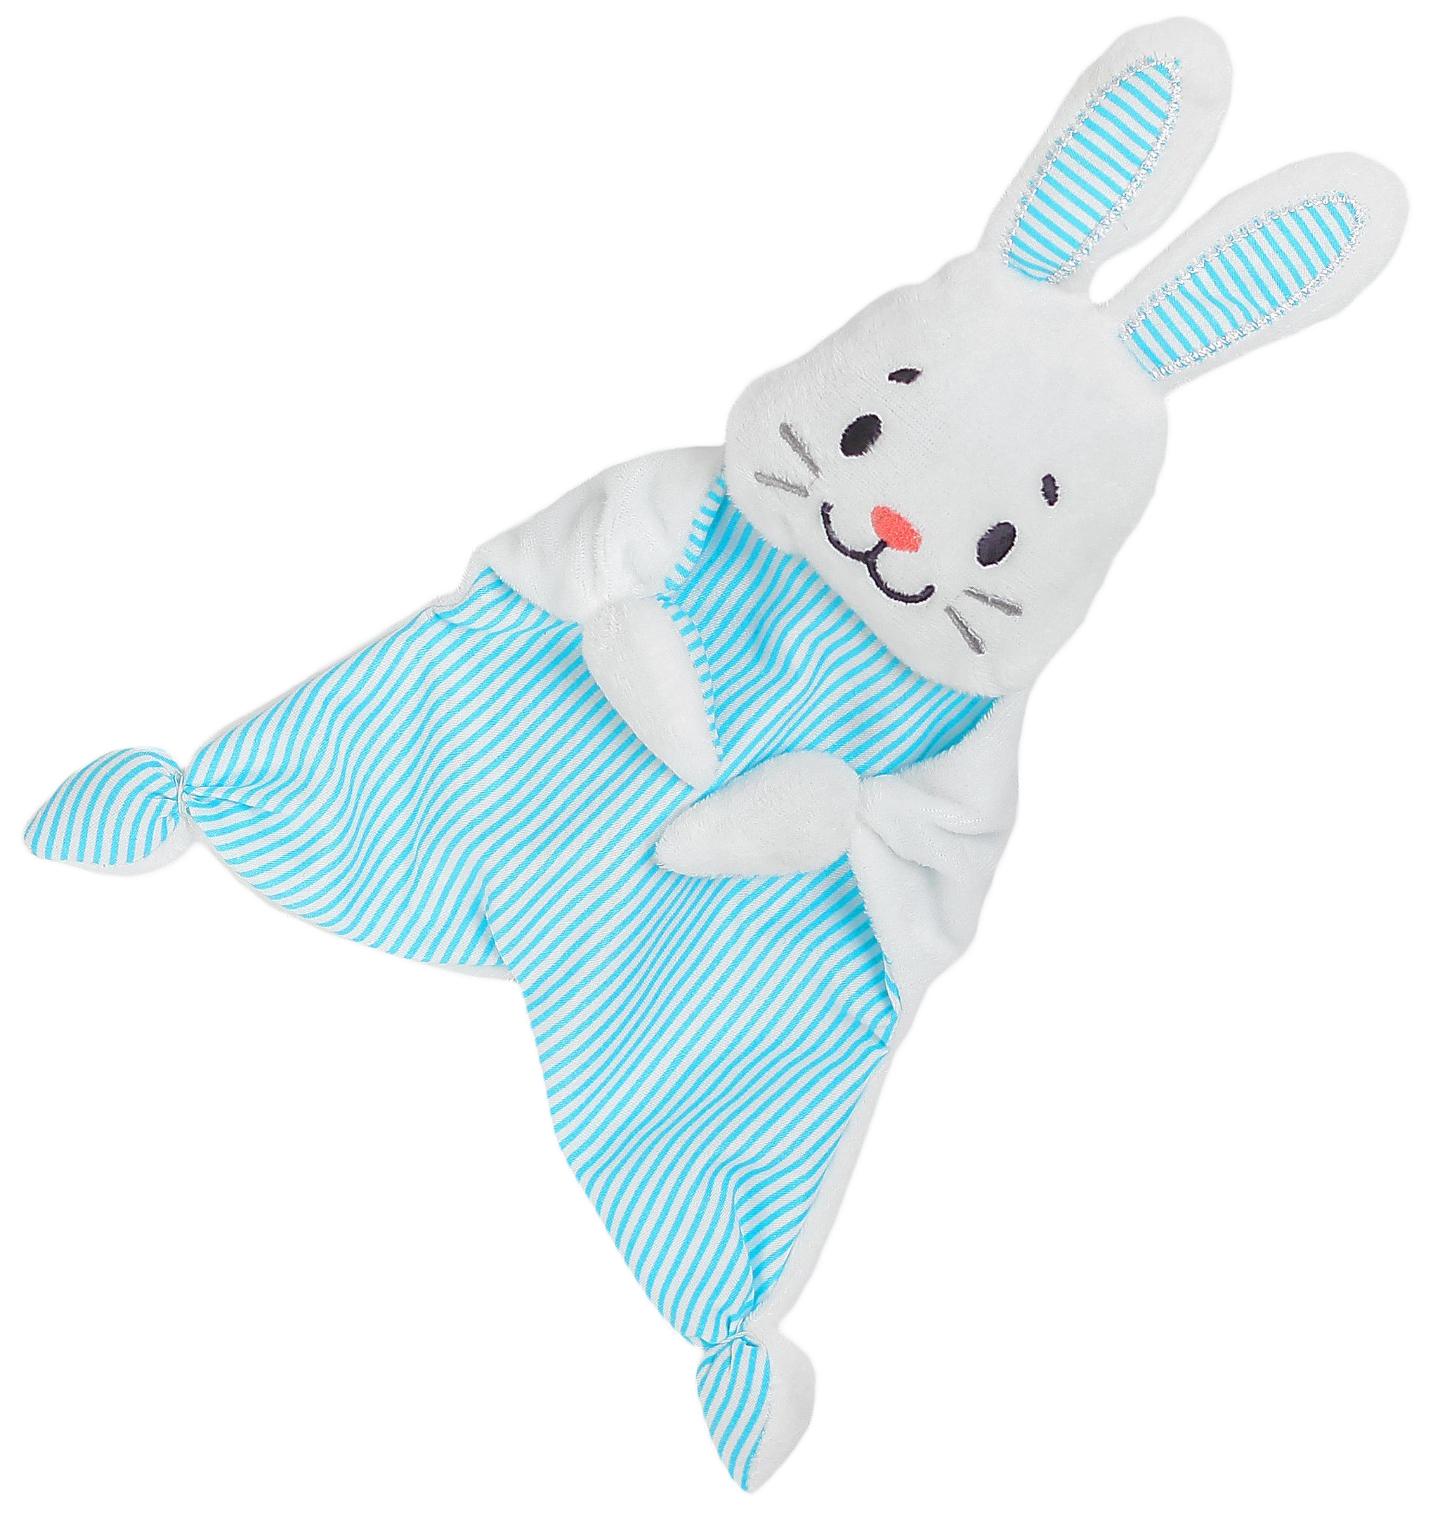 Купить Игрушка для новорождённых Зайчонок Бубенчик Крошка Я, Комфортеры для новорожденных